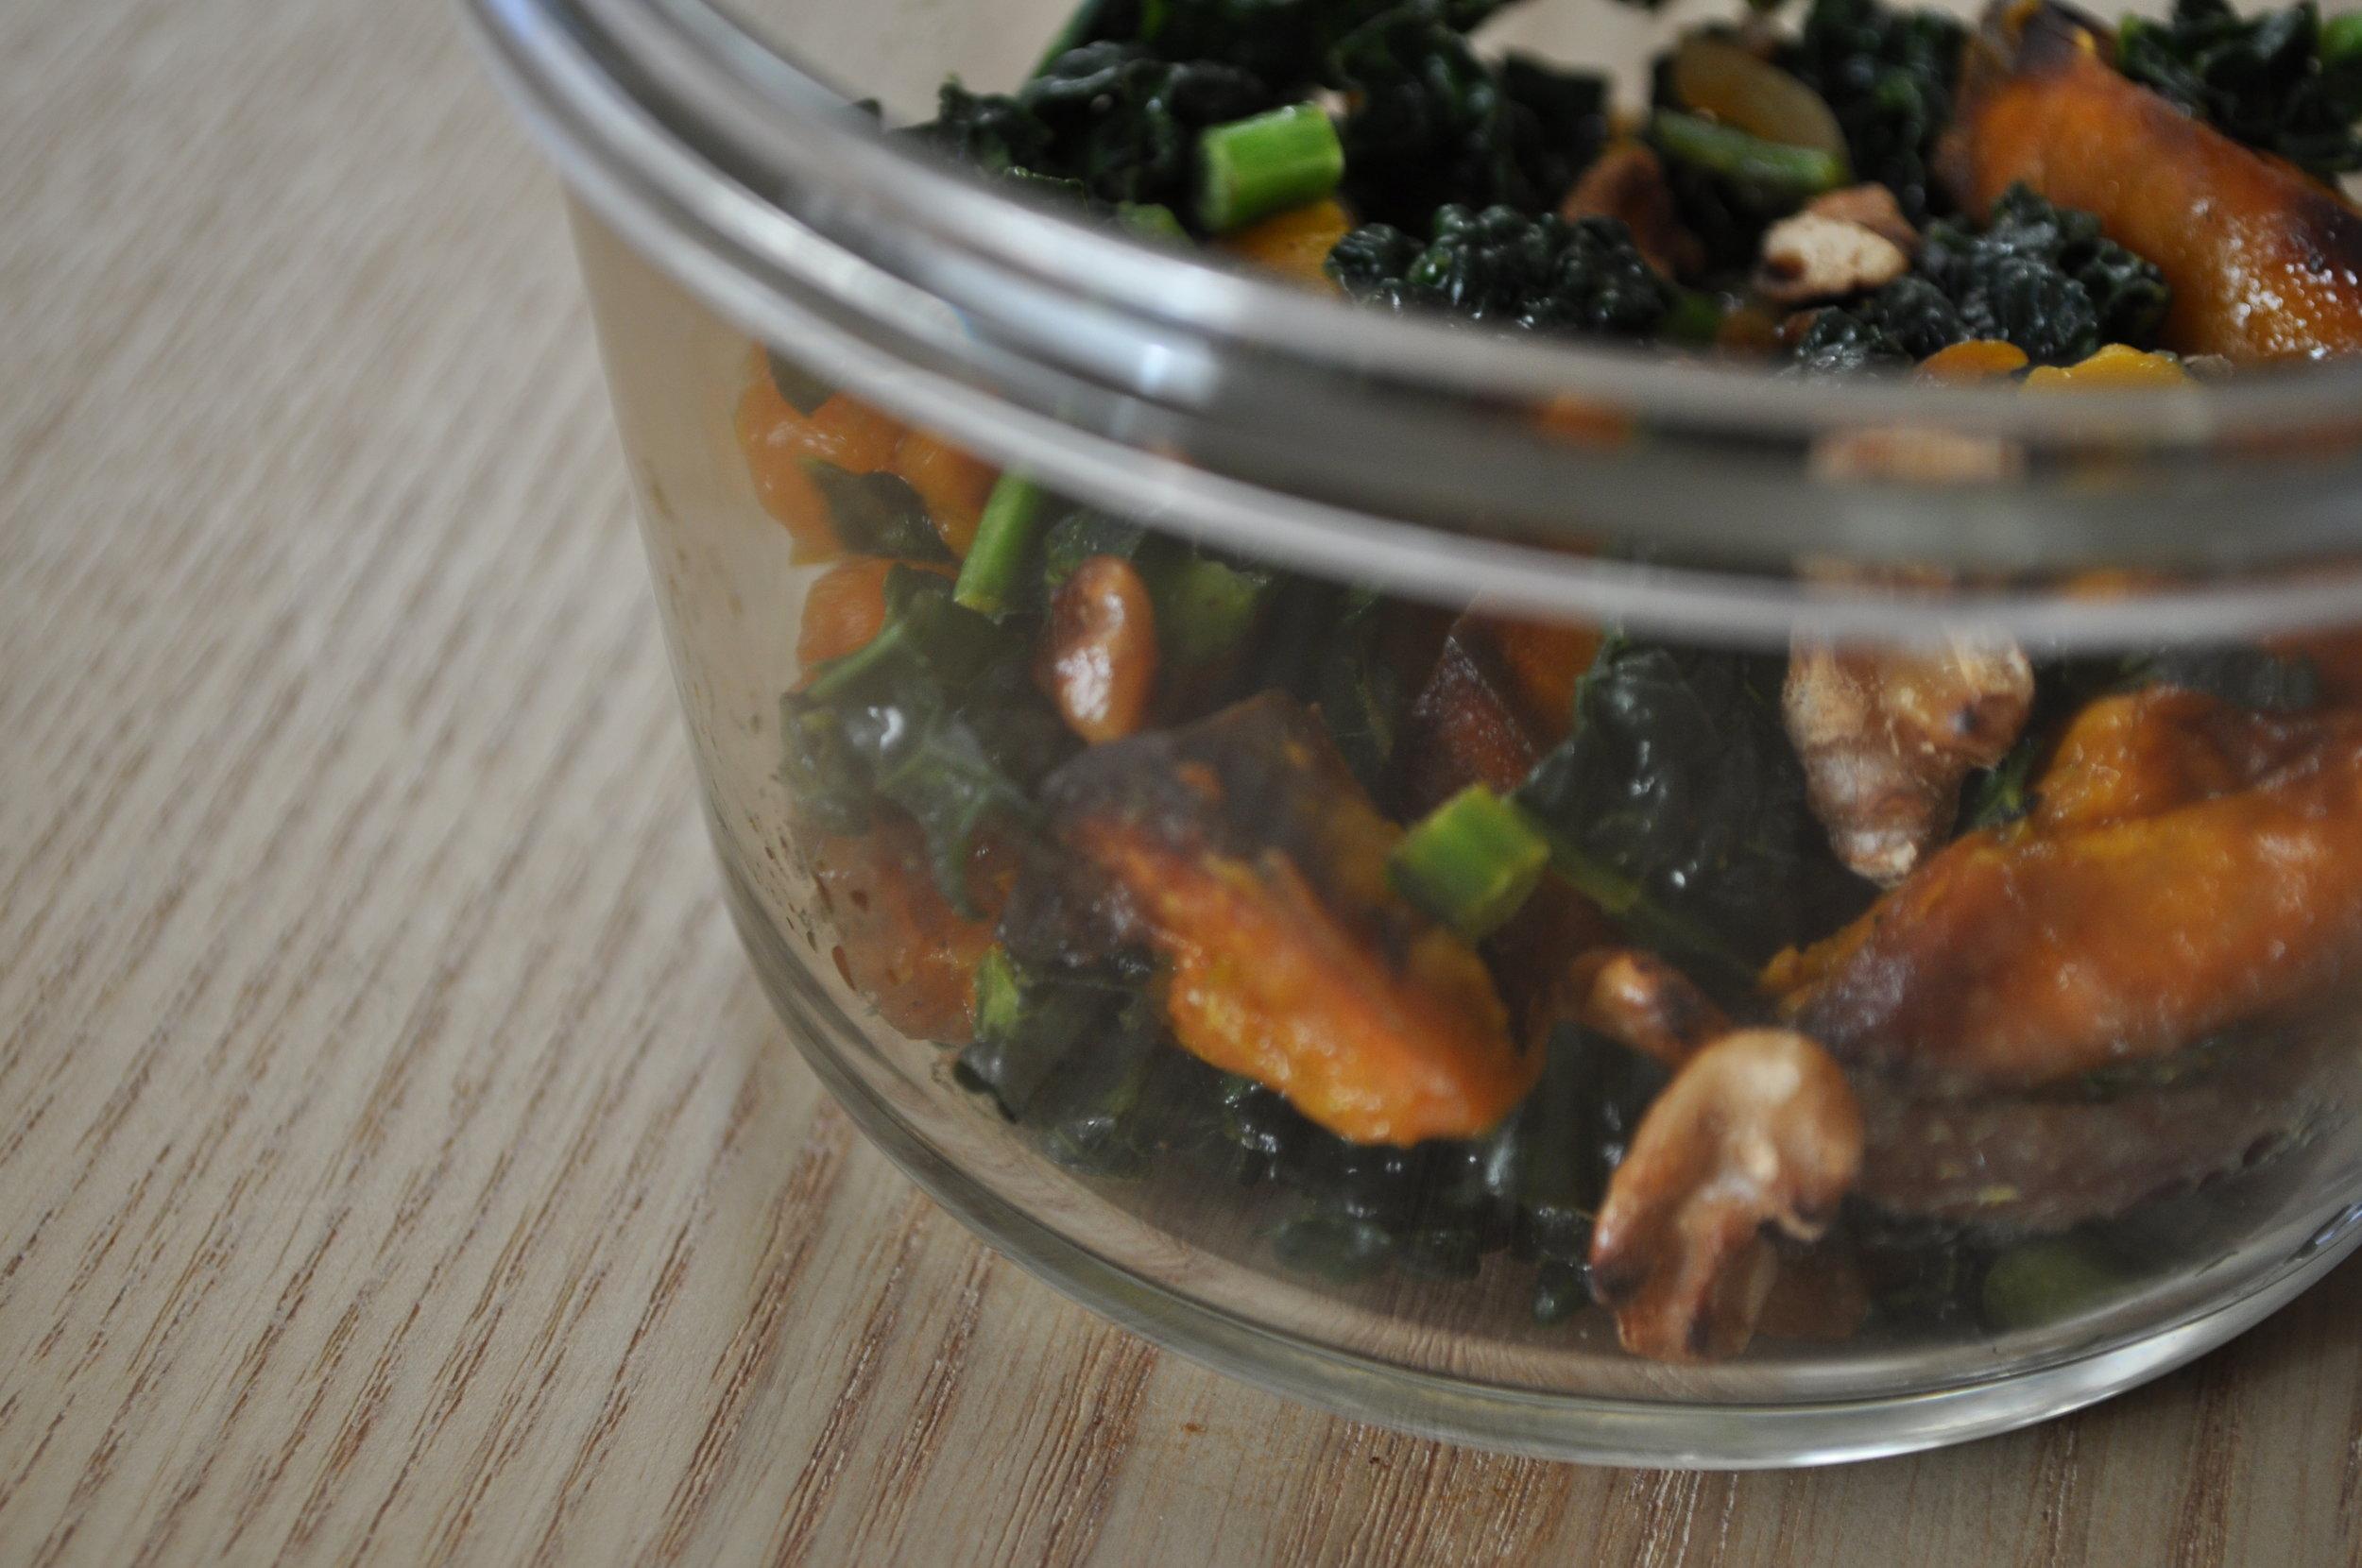 kale butternut squash recipe